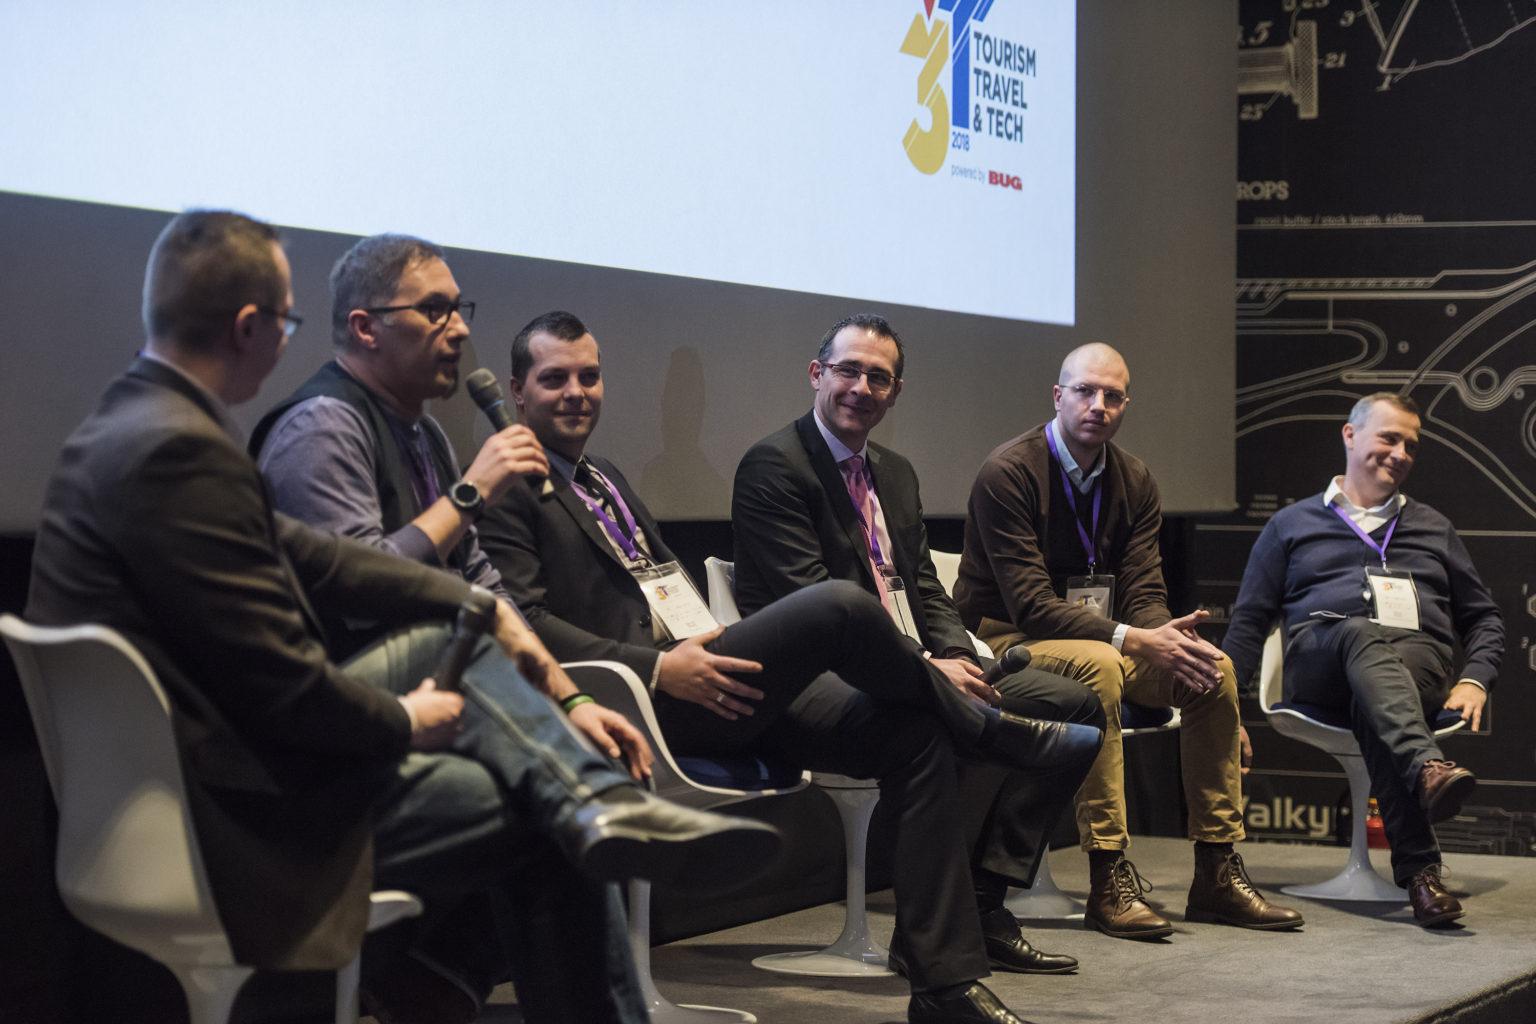 Treća 3T konferencija – smart tourism i još puno toga